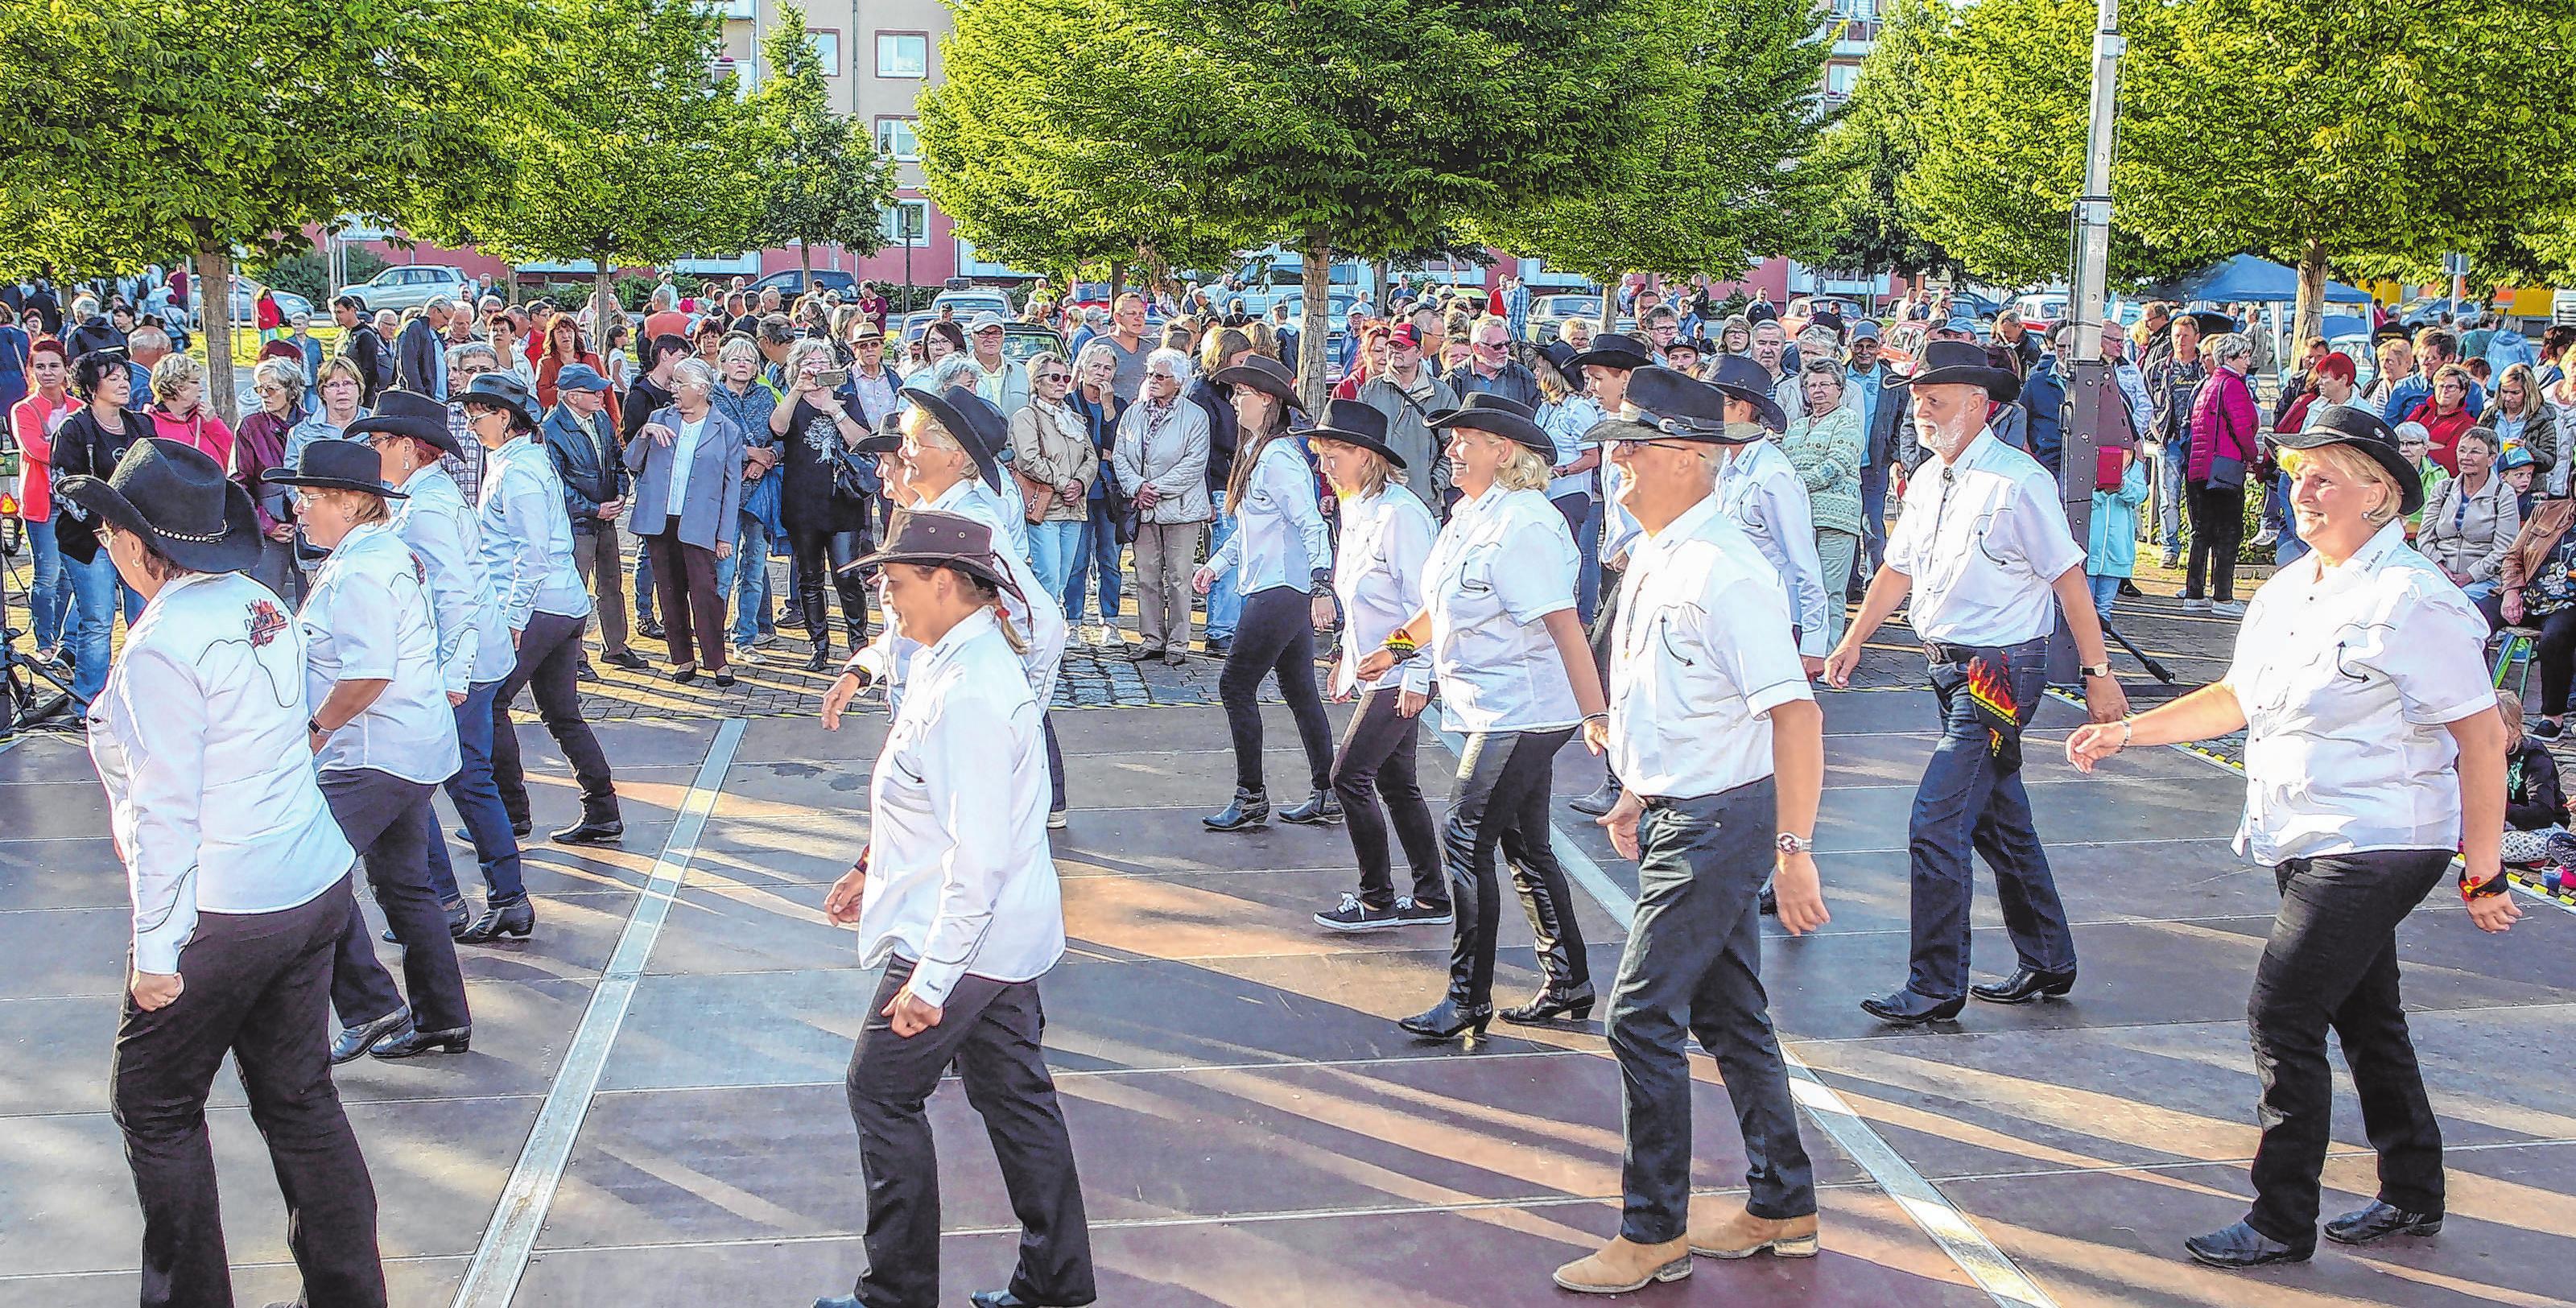 Rhythmus, bei dem man mit muss: Die Country- und LineDancer kommen an in der Oderstadt. Archivfotos: Oliver Voigt